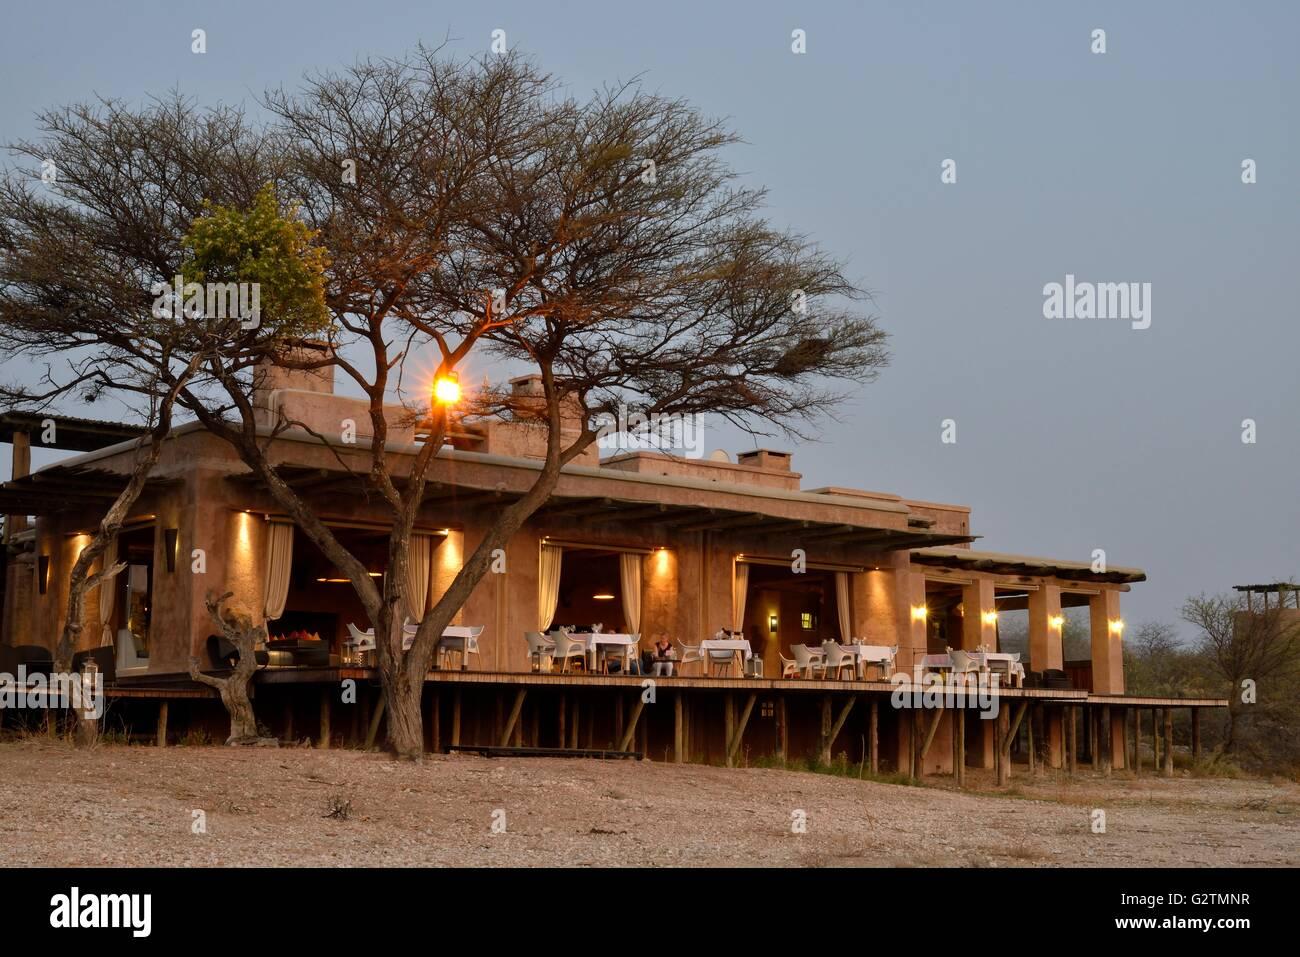 Onguma The Fort, Lodge near the Etosha National Park, Onguma Game Reserve, Namibia - Stock Image